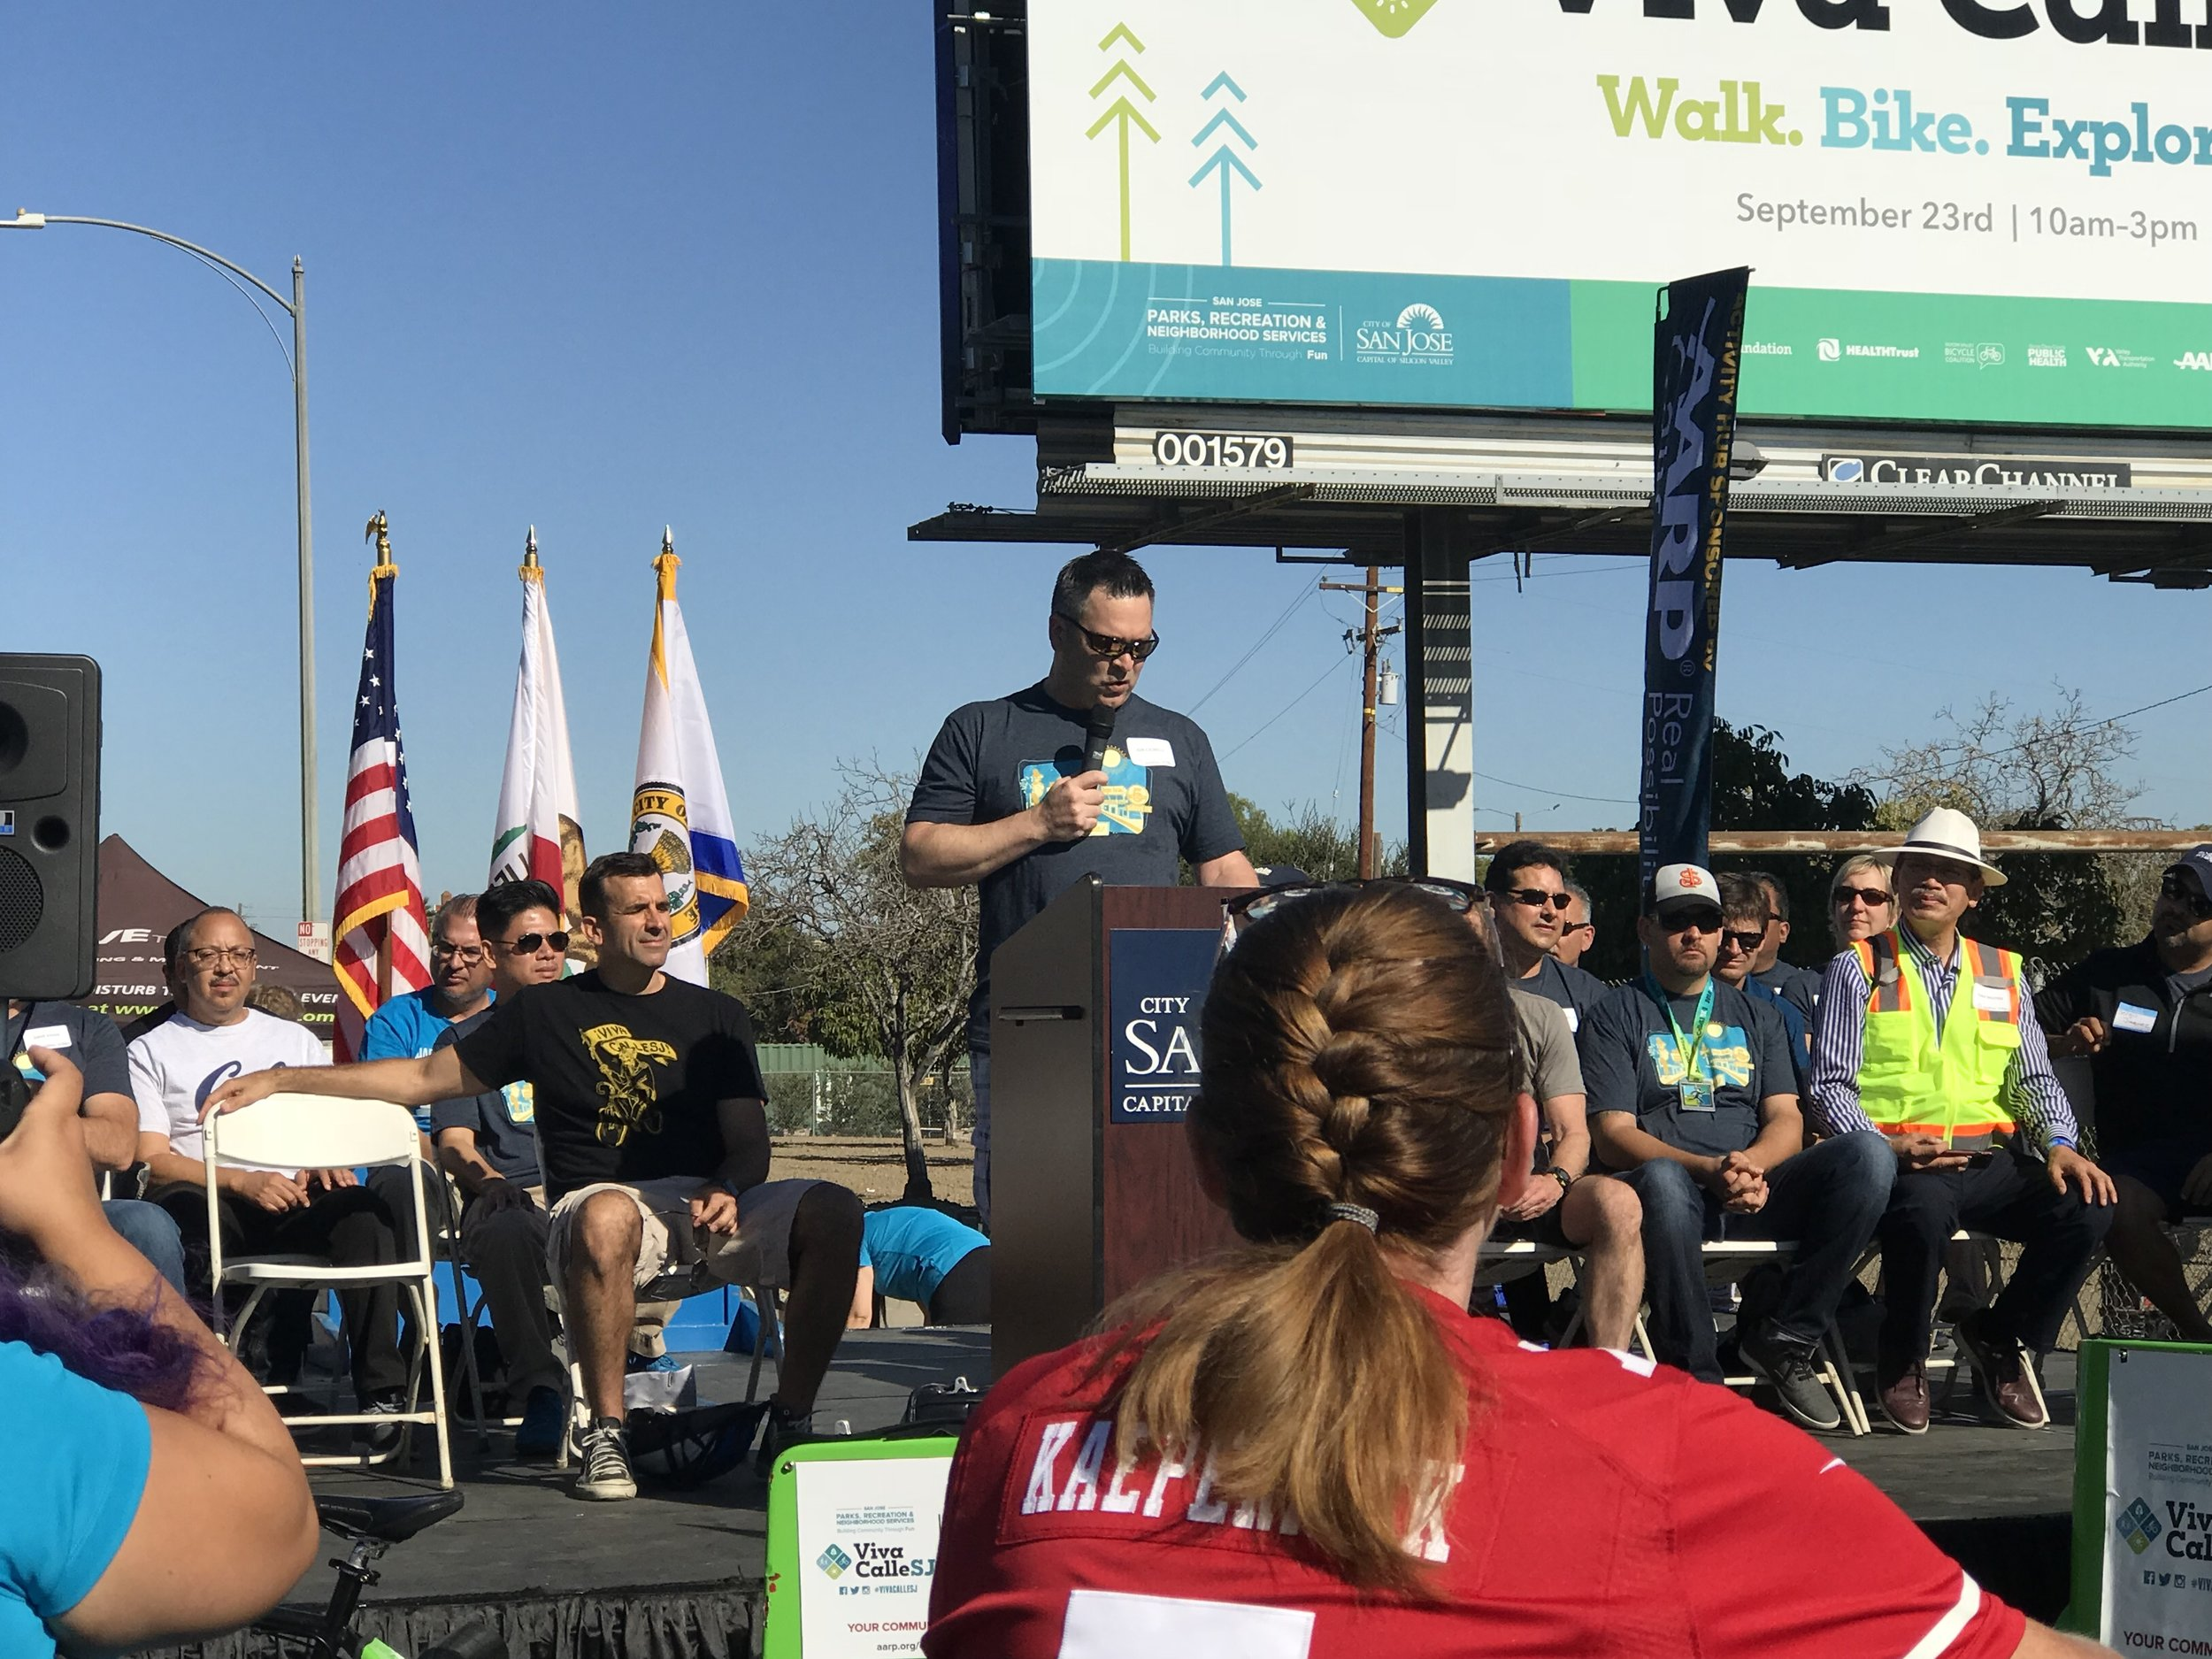 Đại diện cơ quan Chỉnh Trang Thành Phố (The   Parks and Recreation   Department) phát biểu với hiện diện của các nghị viên của Hội Đồng Thành Phố San Jose. Nghị Viên Nguyễn Tâm mặc áo khoát xanh lá cây ngồi bên phải, nghị viên Diệp Thế Lân ngồi bên trài sau thị trưởng Sam Liccardo.